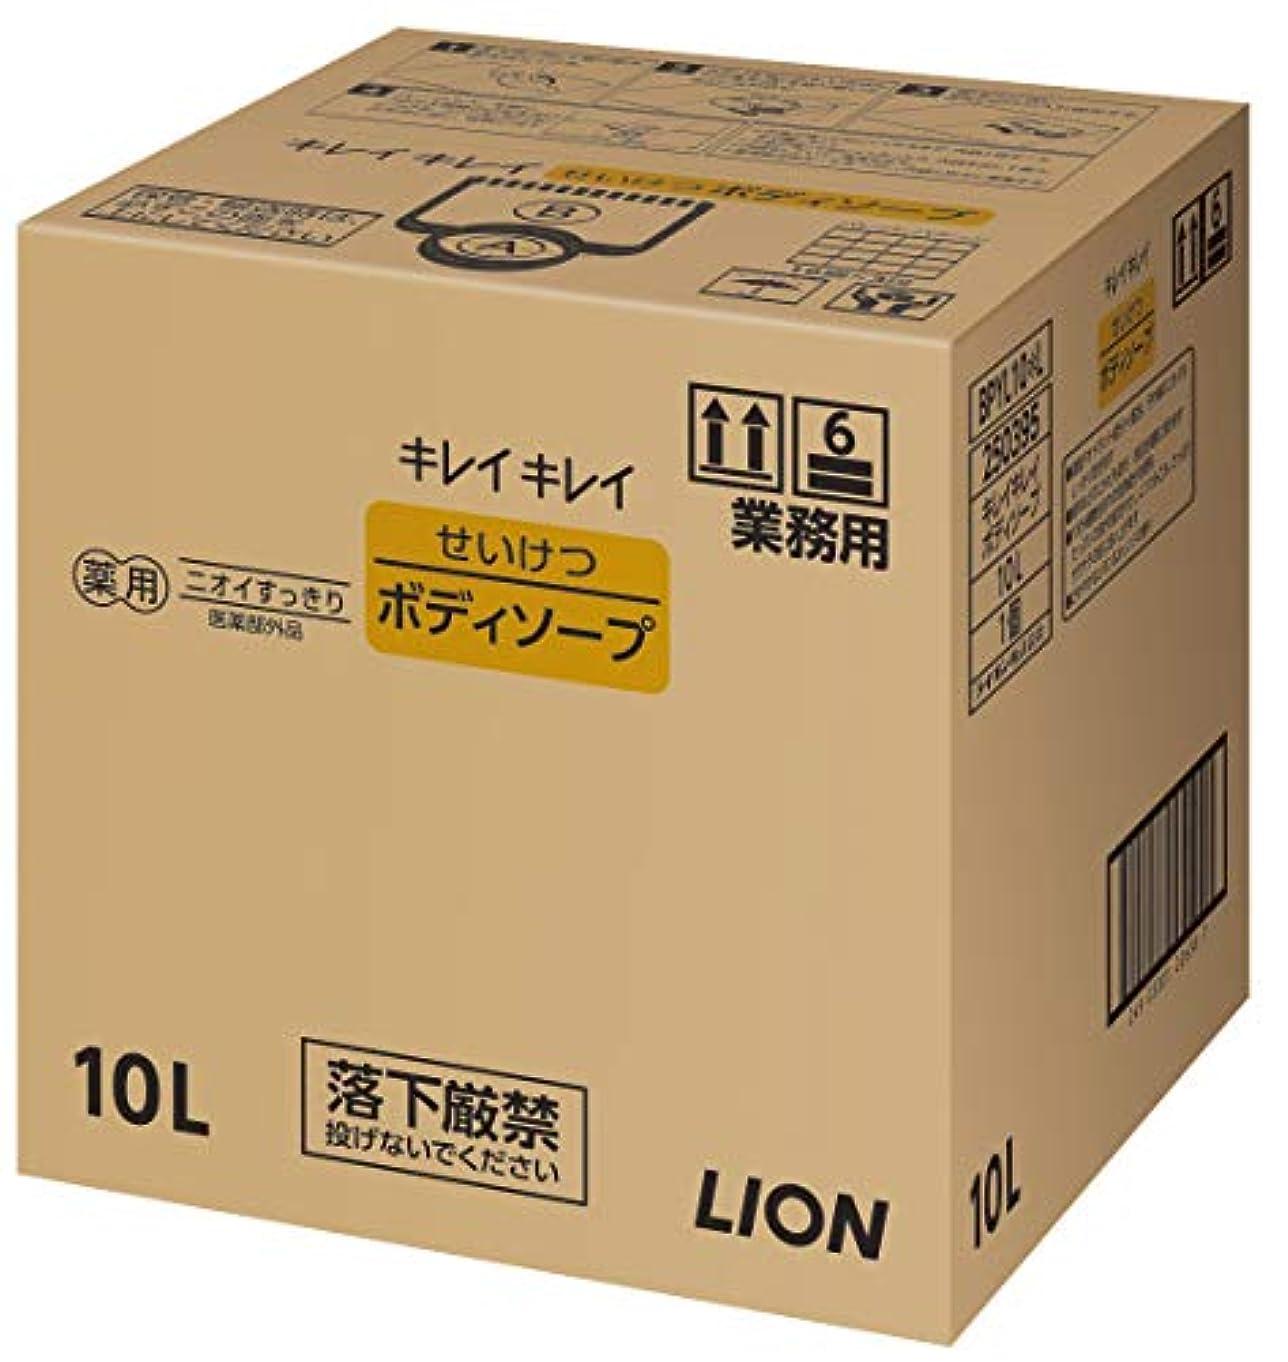 有益な書店謎めいたキレイキレイ せいけつボディソープ さわやかなレモン&オレンジの香り 業務用 10L